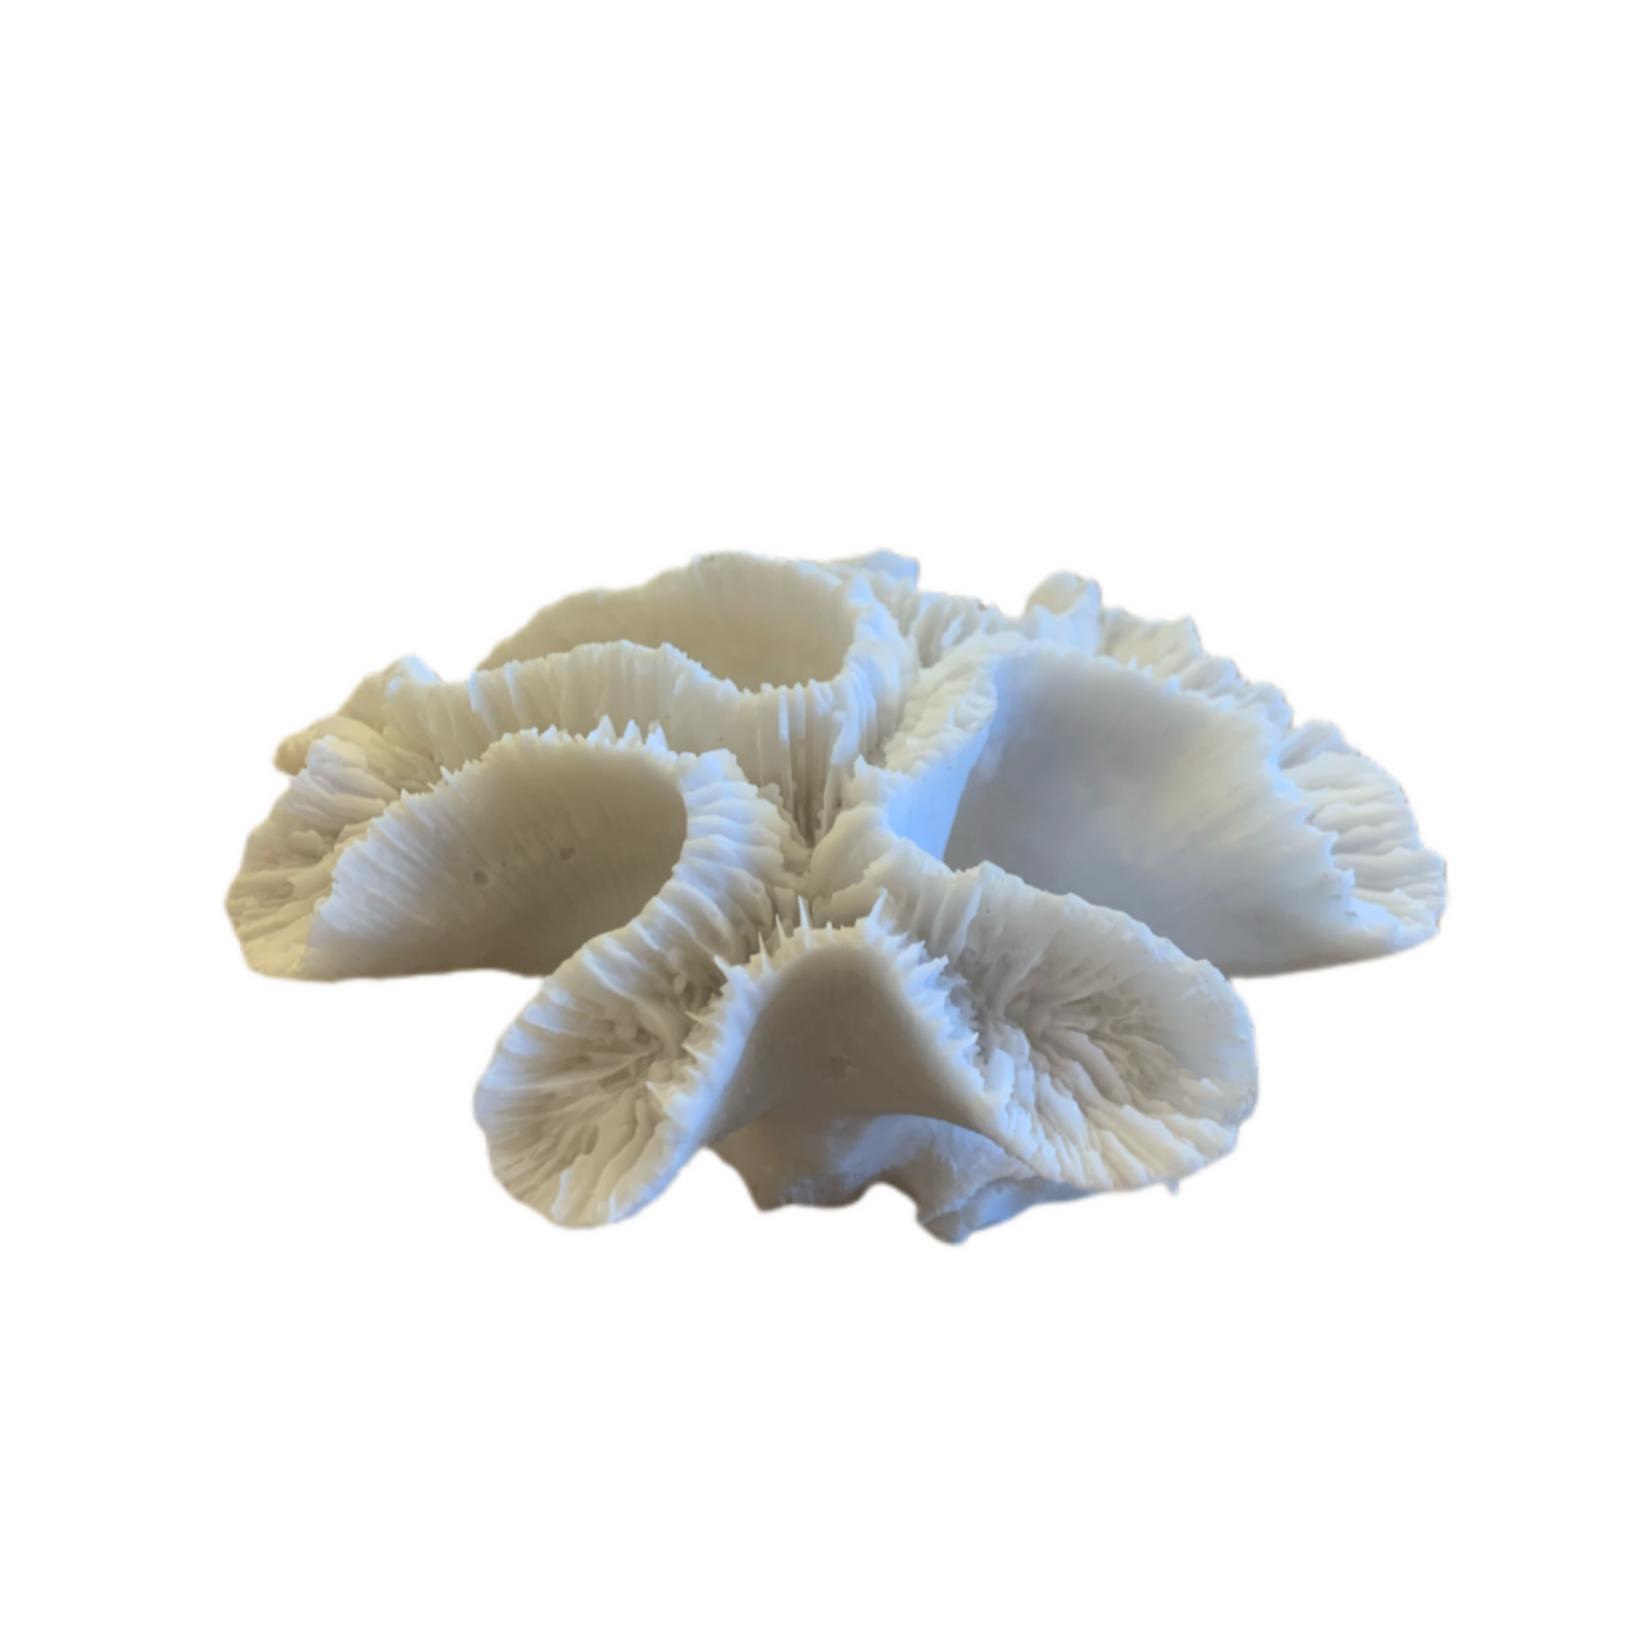 Wyld Blue Home Foliose Coral Decor